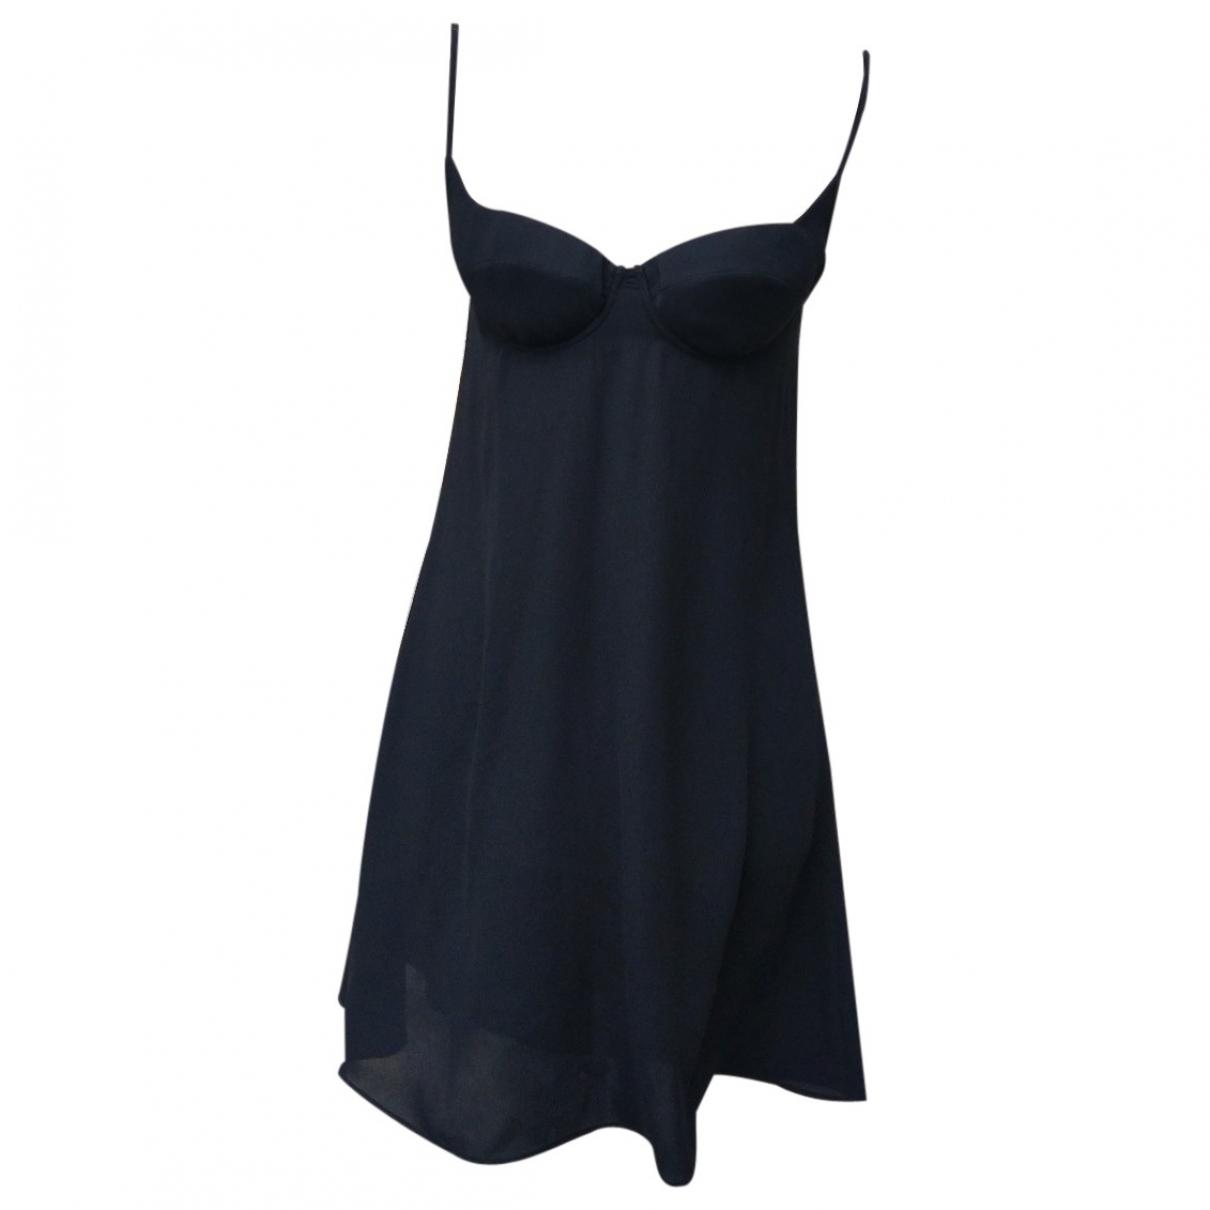 La Perla \N Kleid in  Schwarz Synthetik